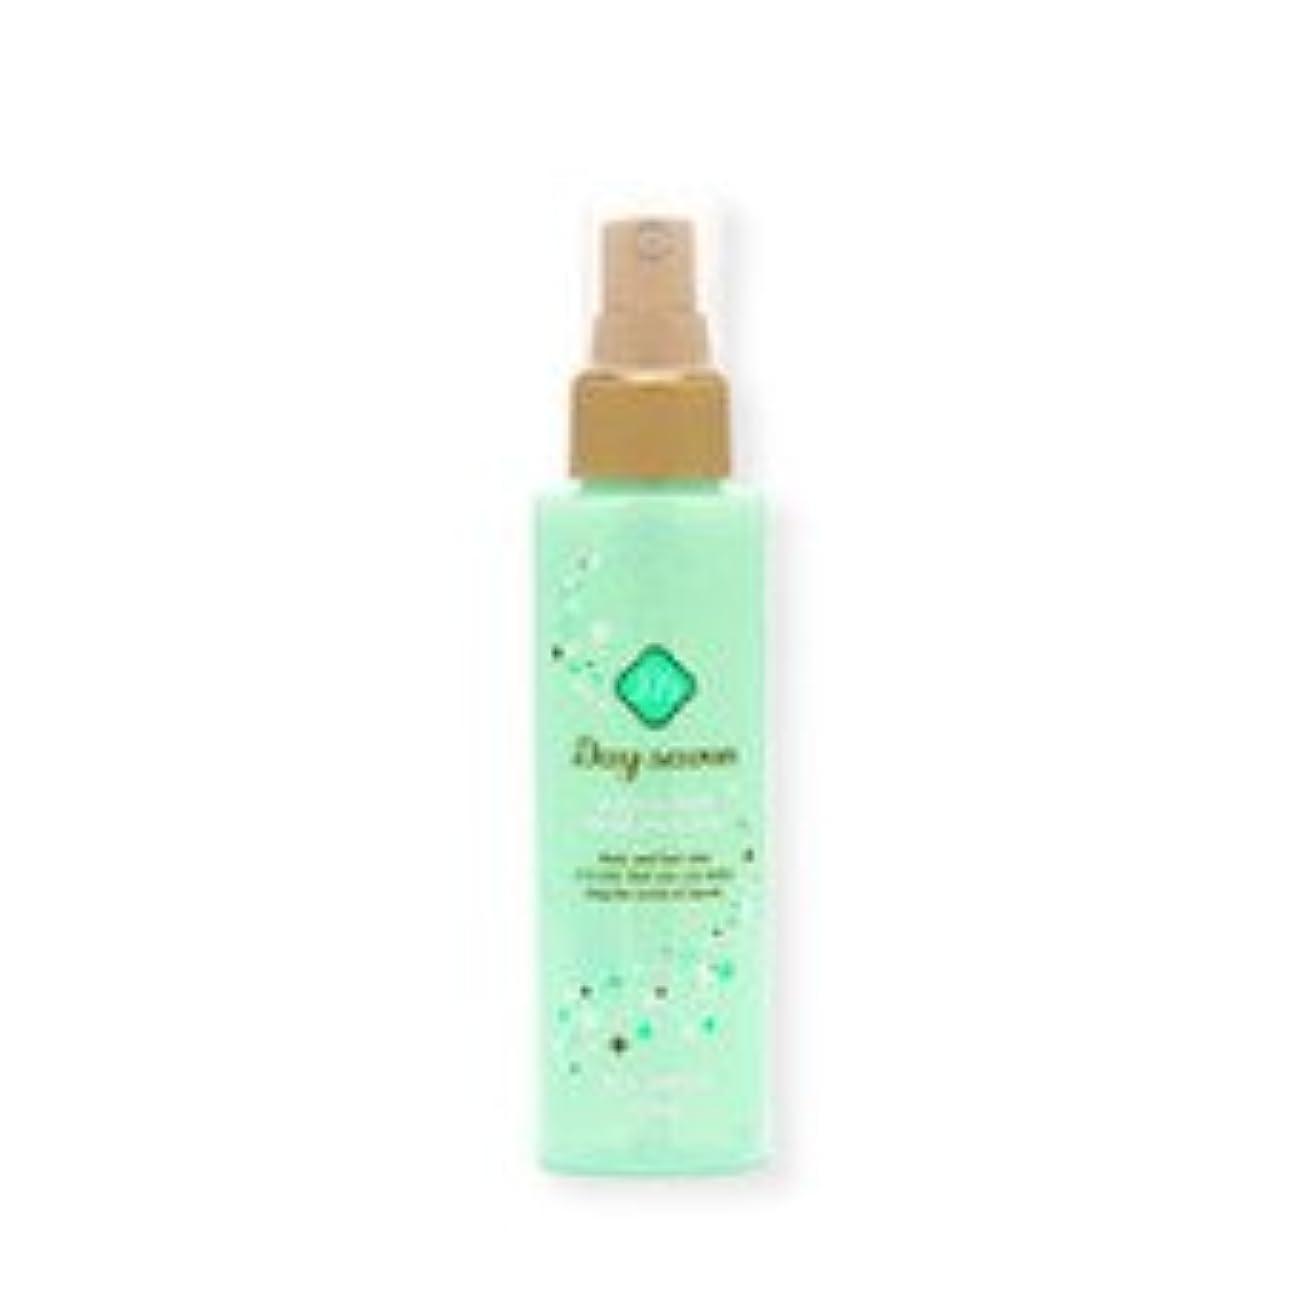 アコードピンアンビエント富士薬品 デイサボン ボディ&ヘアミスト シーサボン(爽やかな石鹸の香り)[化粧水] 120mL